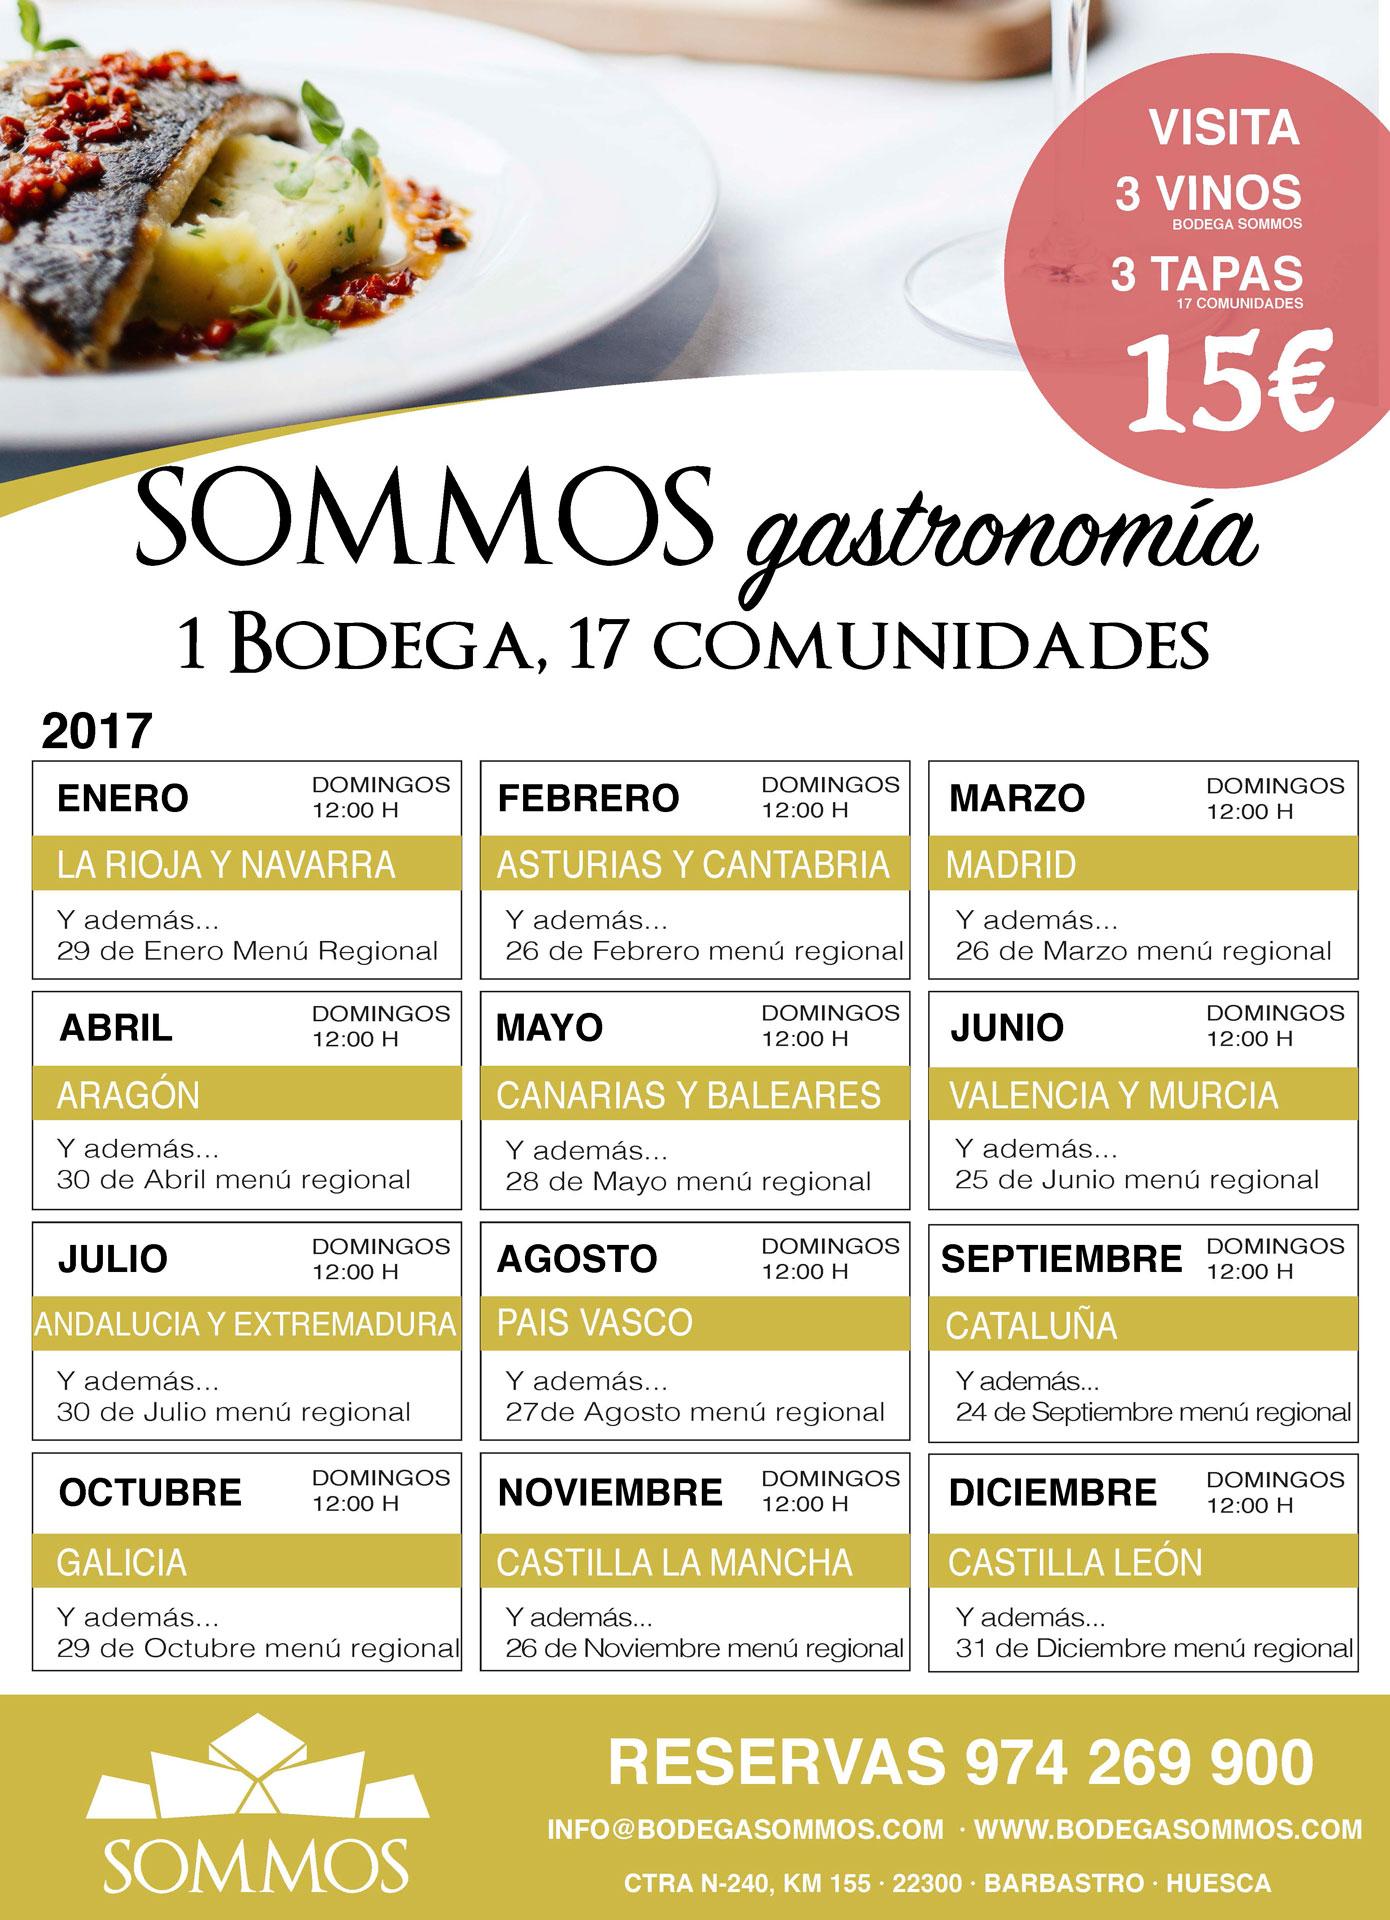 VISITA SOMMOS GASTRONOMIA BODEGA SOMMOS CALENDARIO